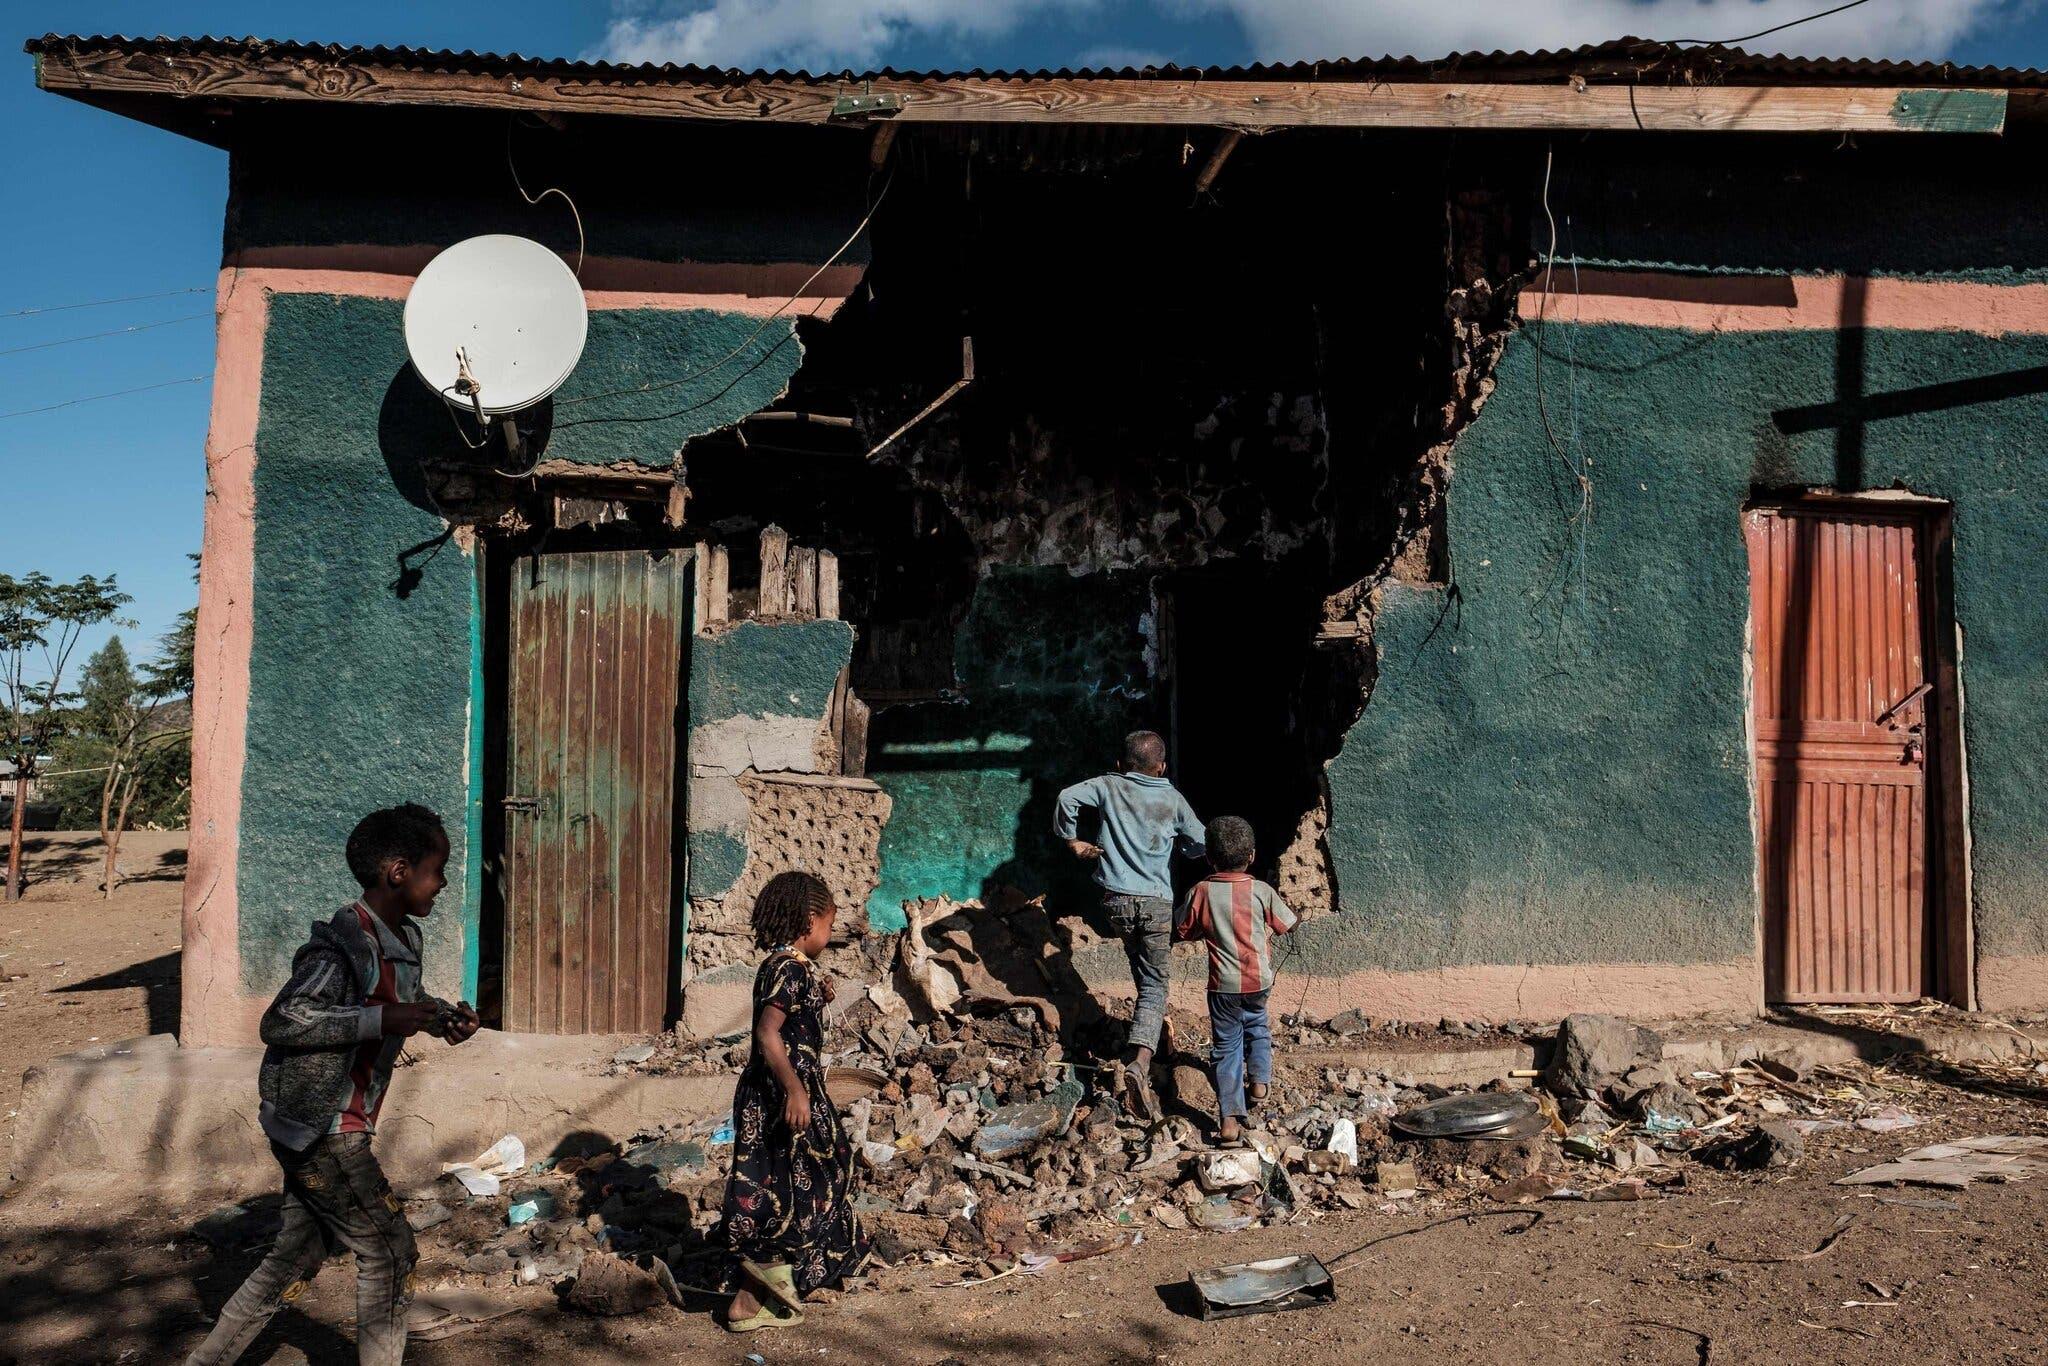 """الأمم المتحدة تطالب بالوصول لـ """"إقليم تيجراي"""" للتحقيق في جرائم حرب"""